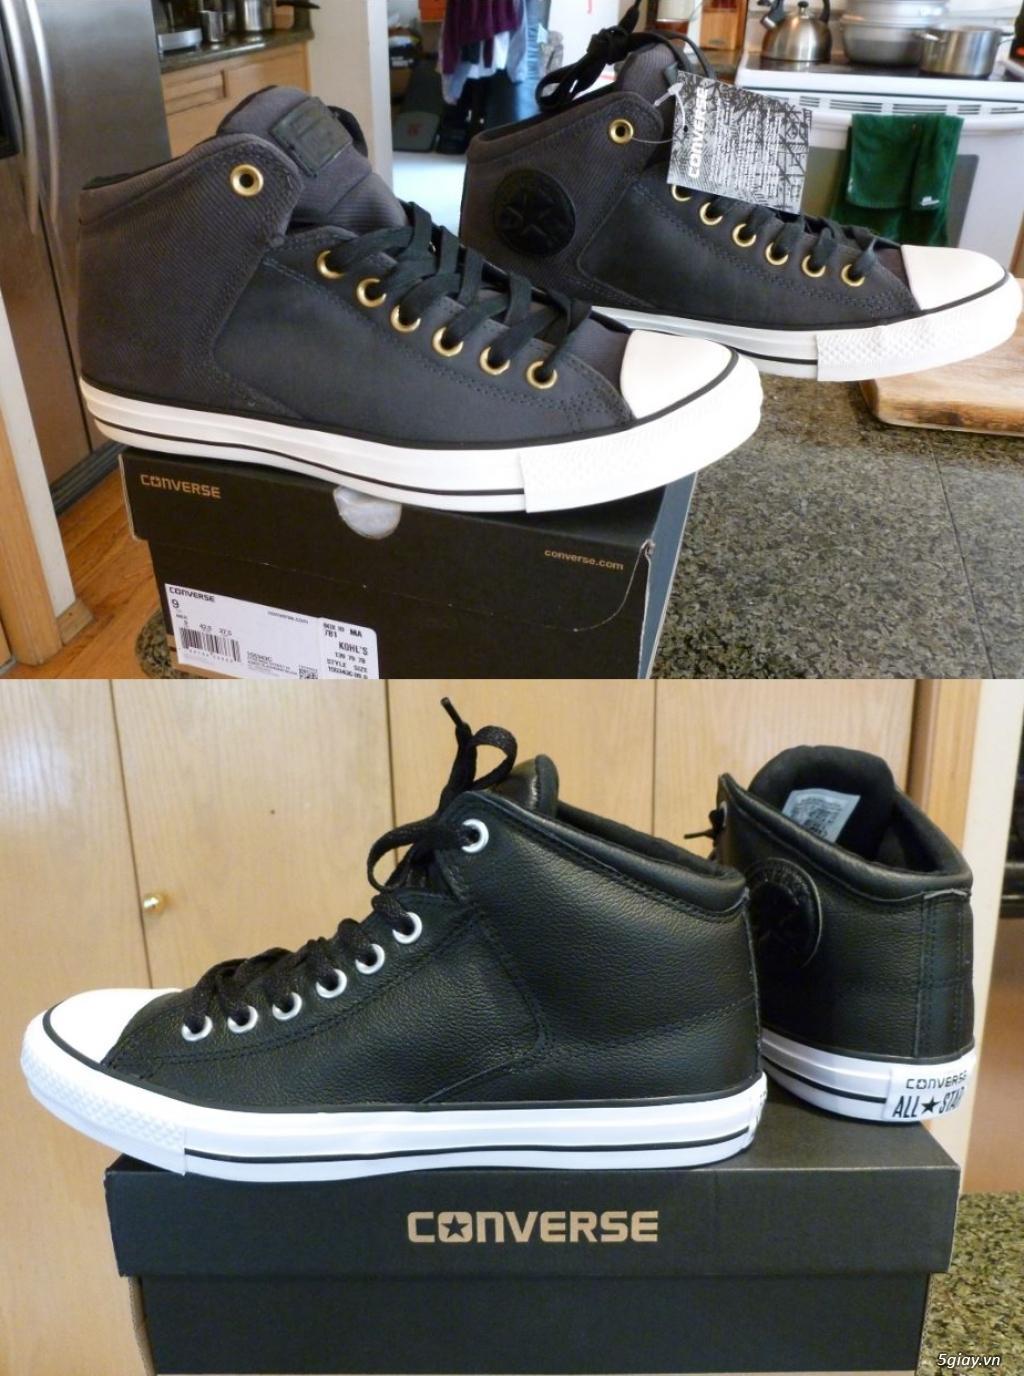 Mình xách/gửi giày Nike, Skechers, Reebok, Polo, Converse, v.v. từ Mỹ. - 1